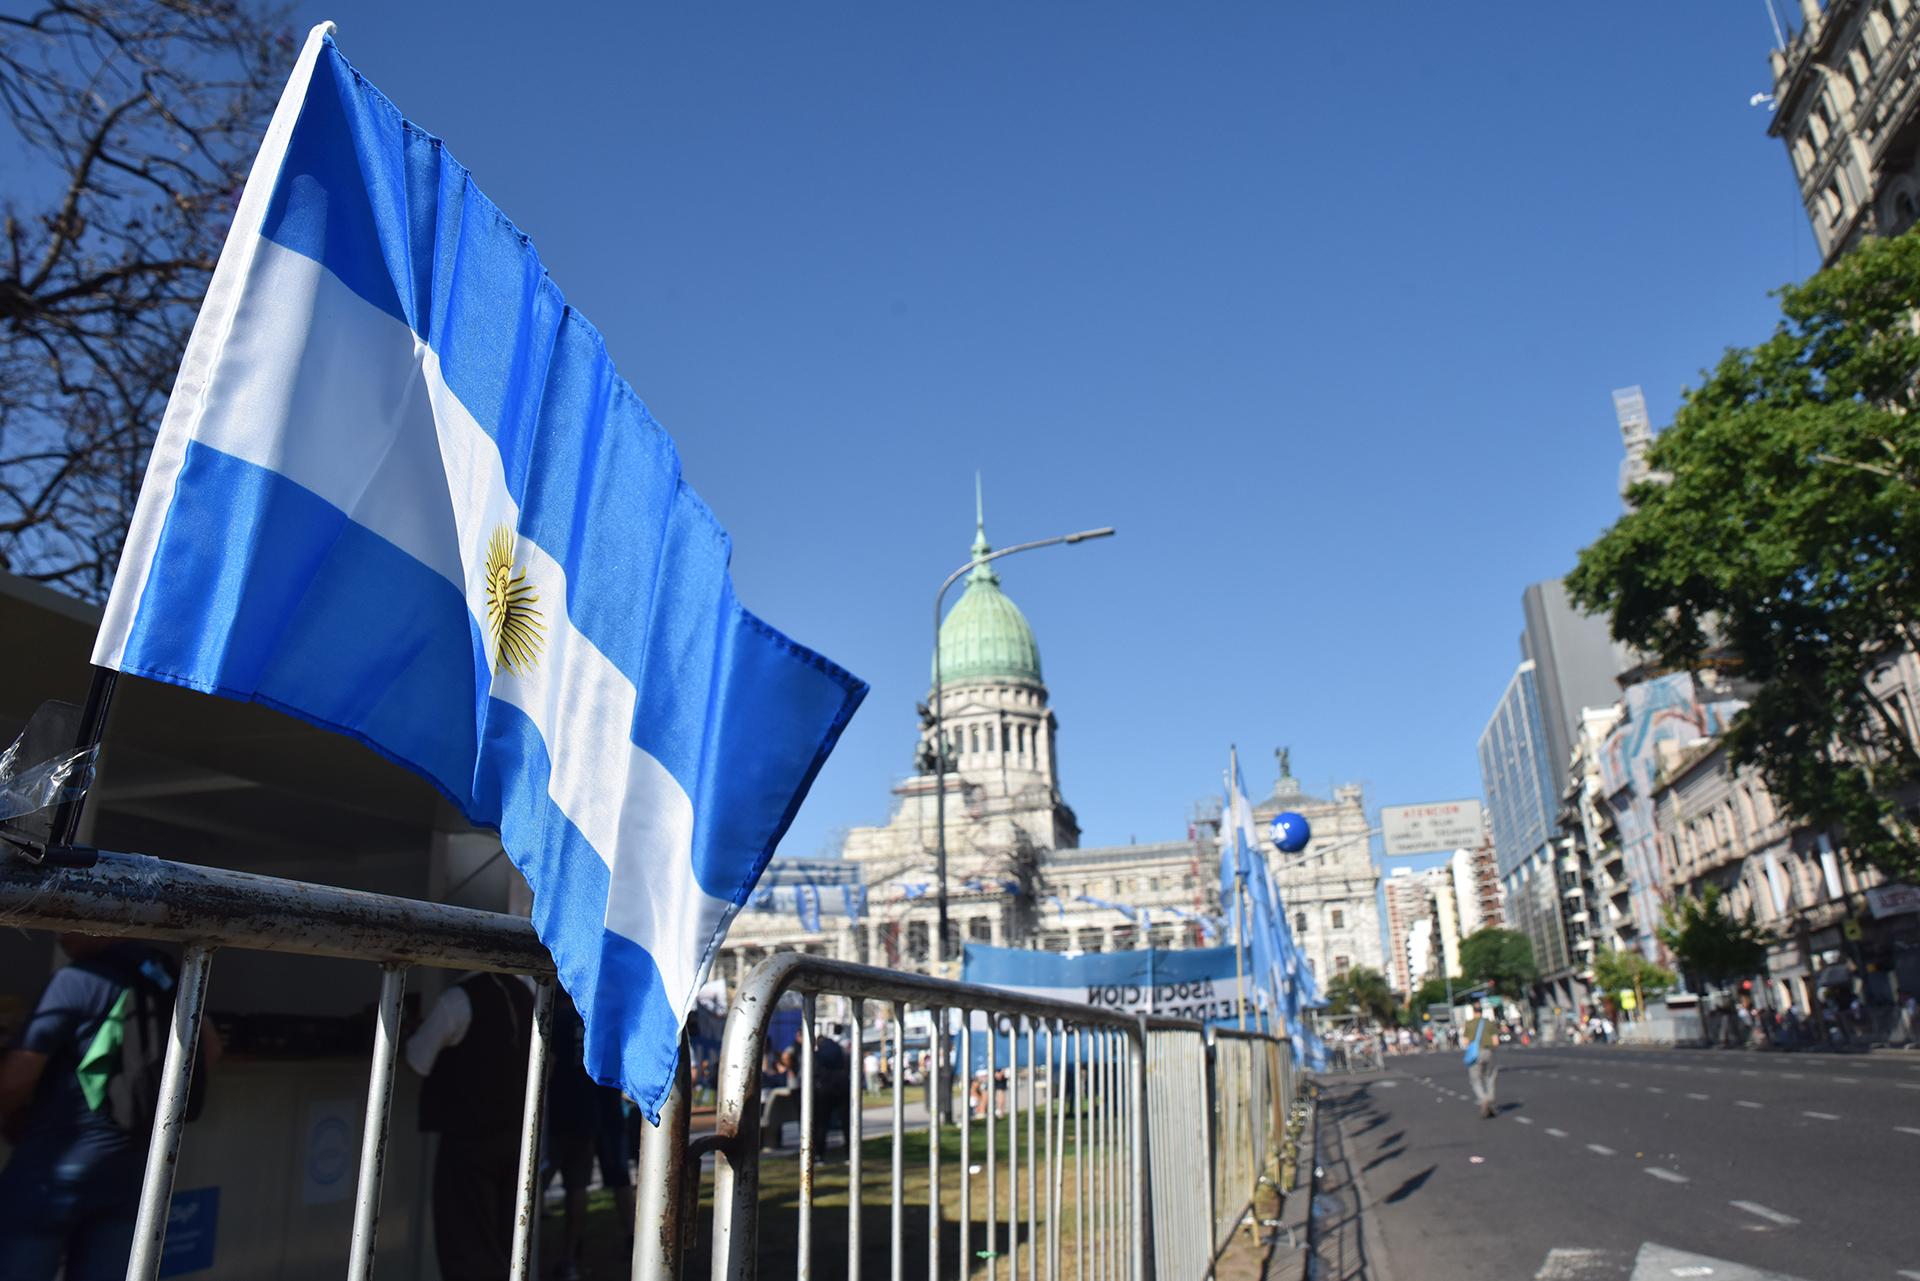 Una vez consagrada la fórmula electa el 27 de octubre con el 48% de los votos, Mauricio Macri le entregará la banda y el bastón presidencial a Alberto Fernández y el flamante jefe de Estado dará su primer discurso como presidente de la Argentina.